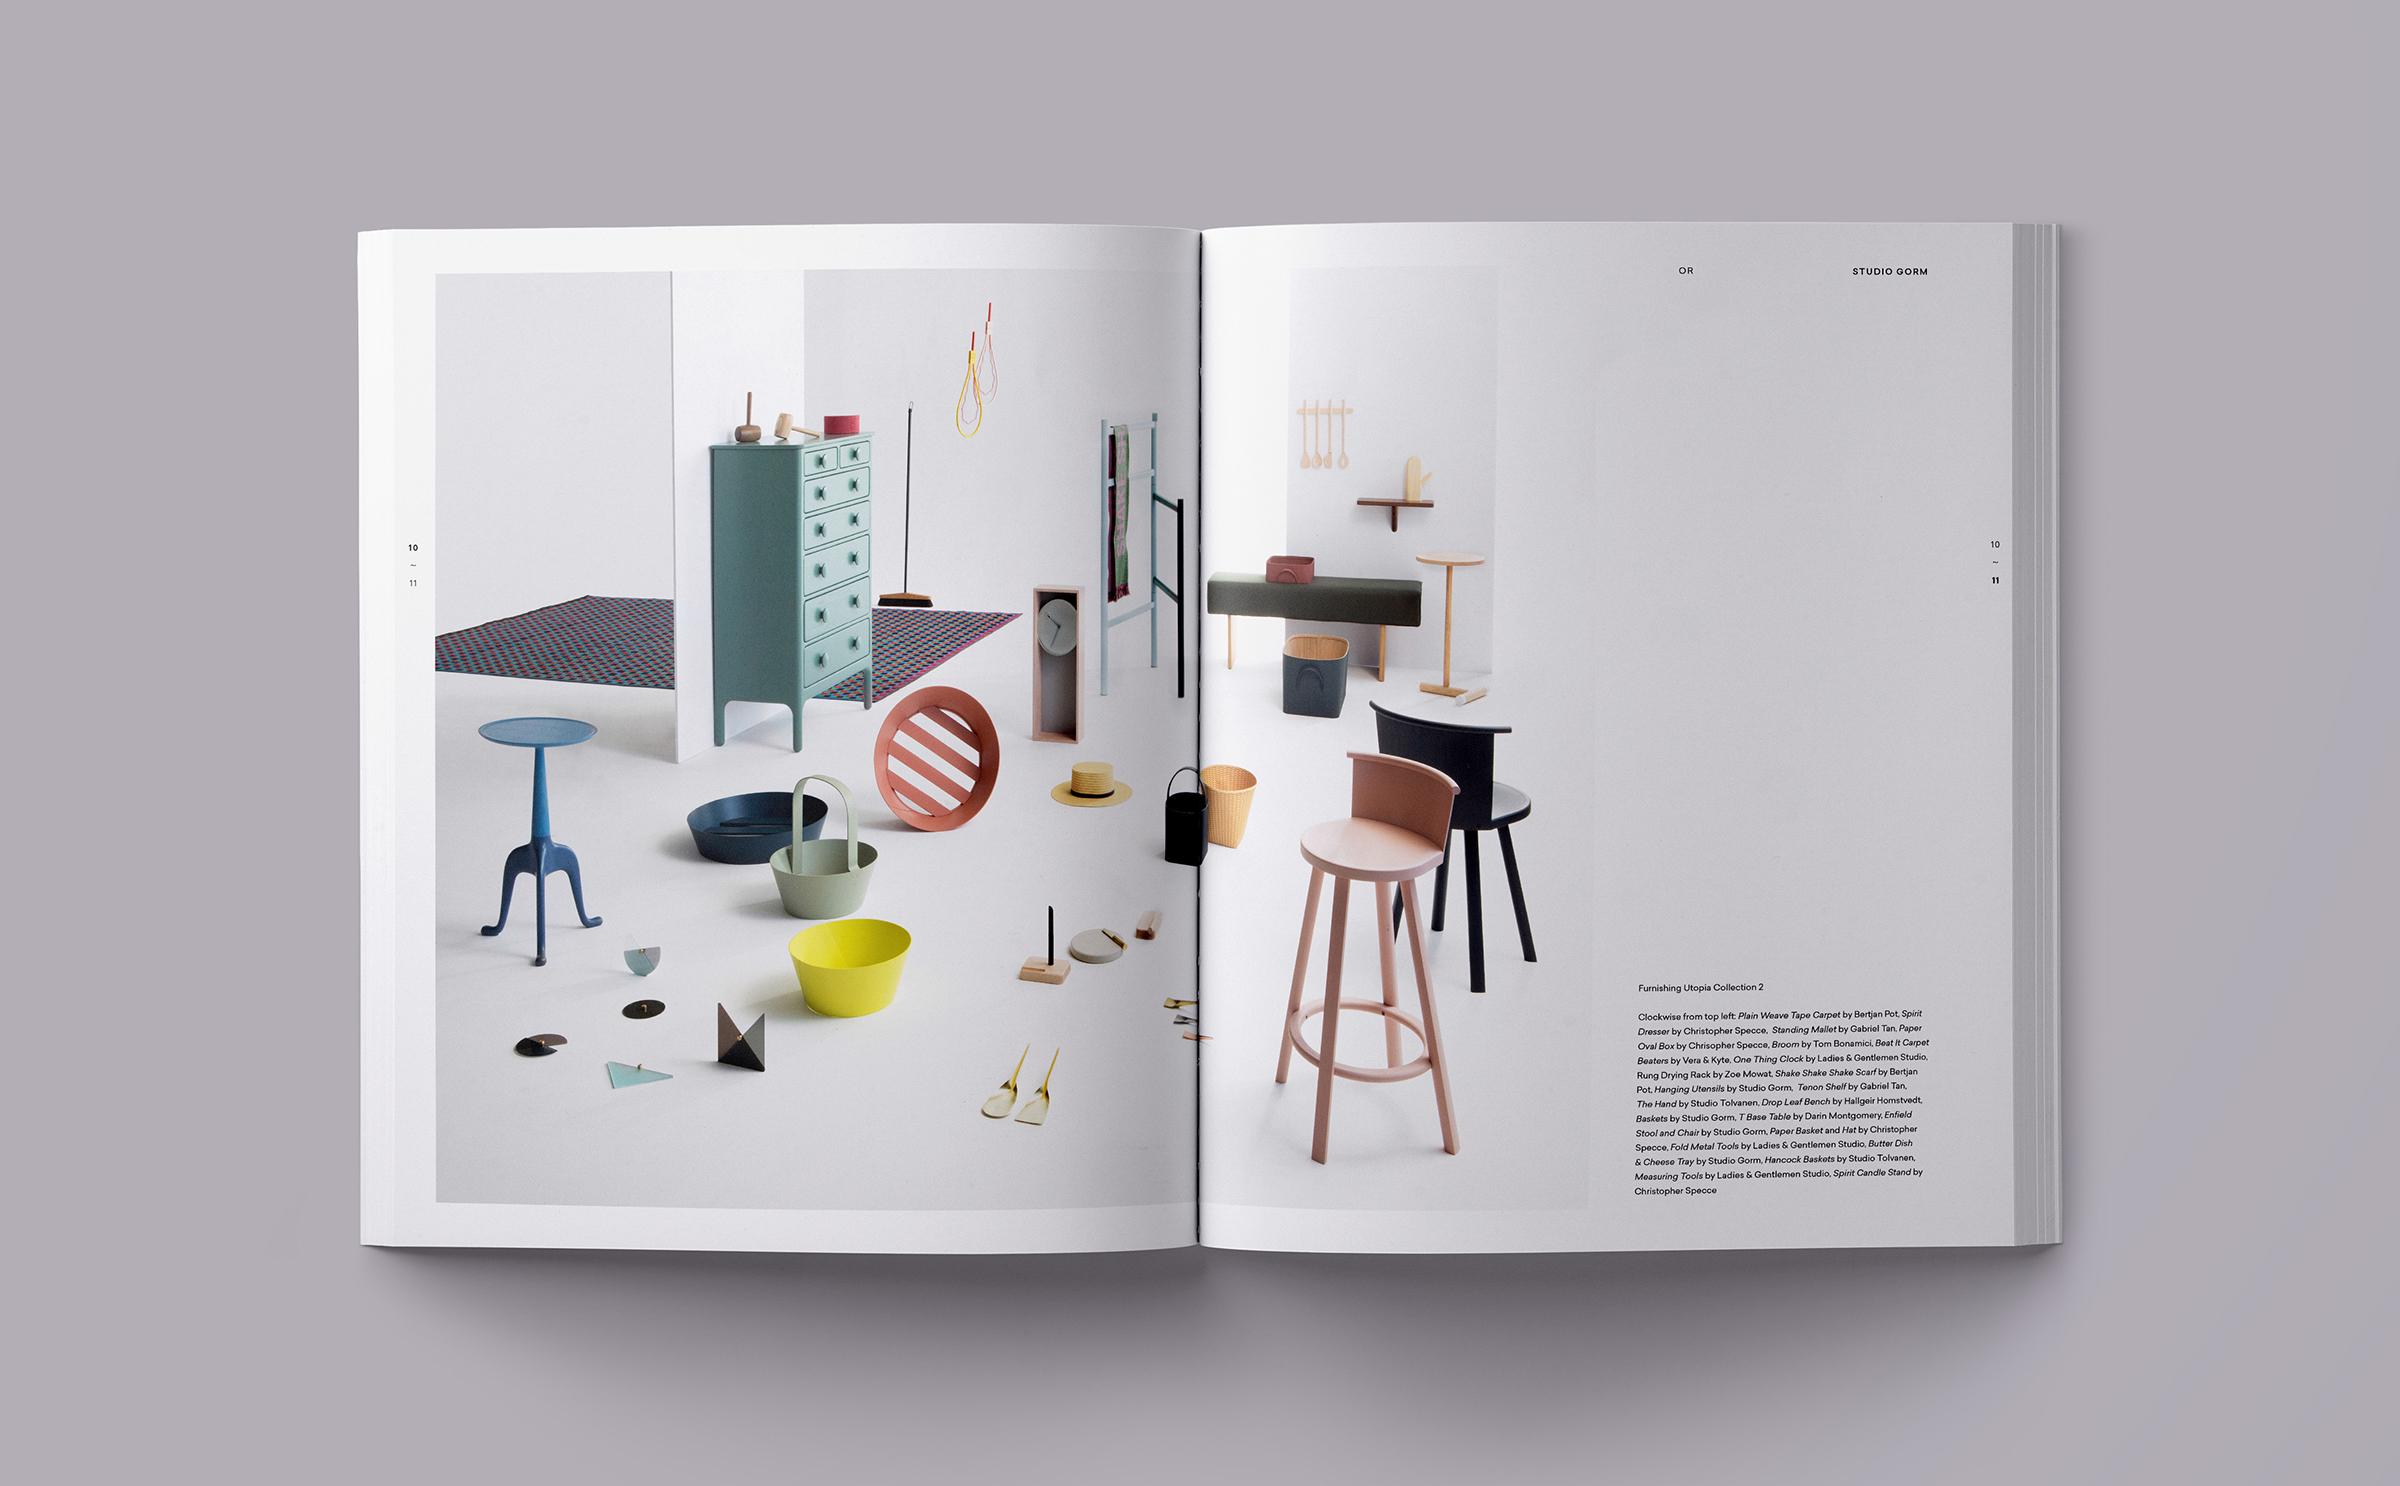 Currents_Pacific-Northwest-Design_IDS_book_daniel-zachrisson_6.jpg